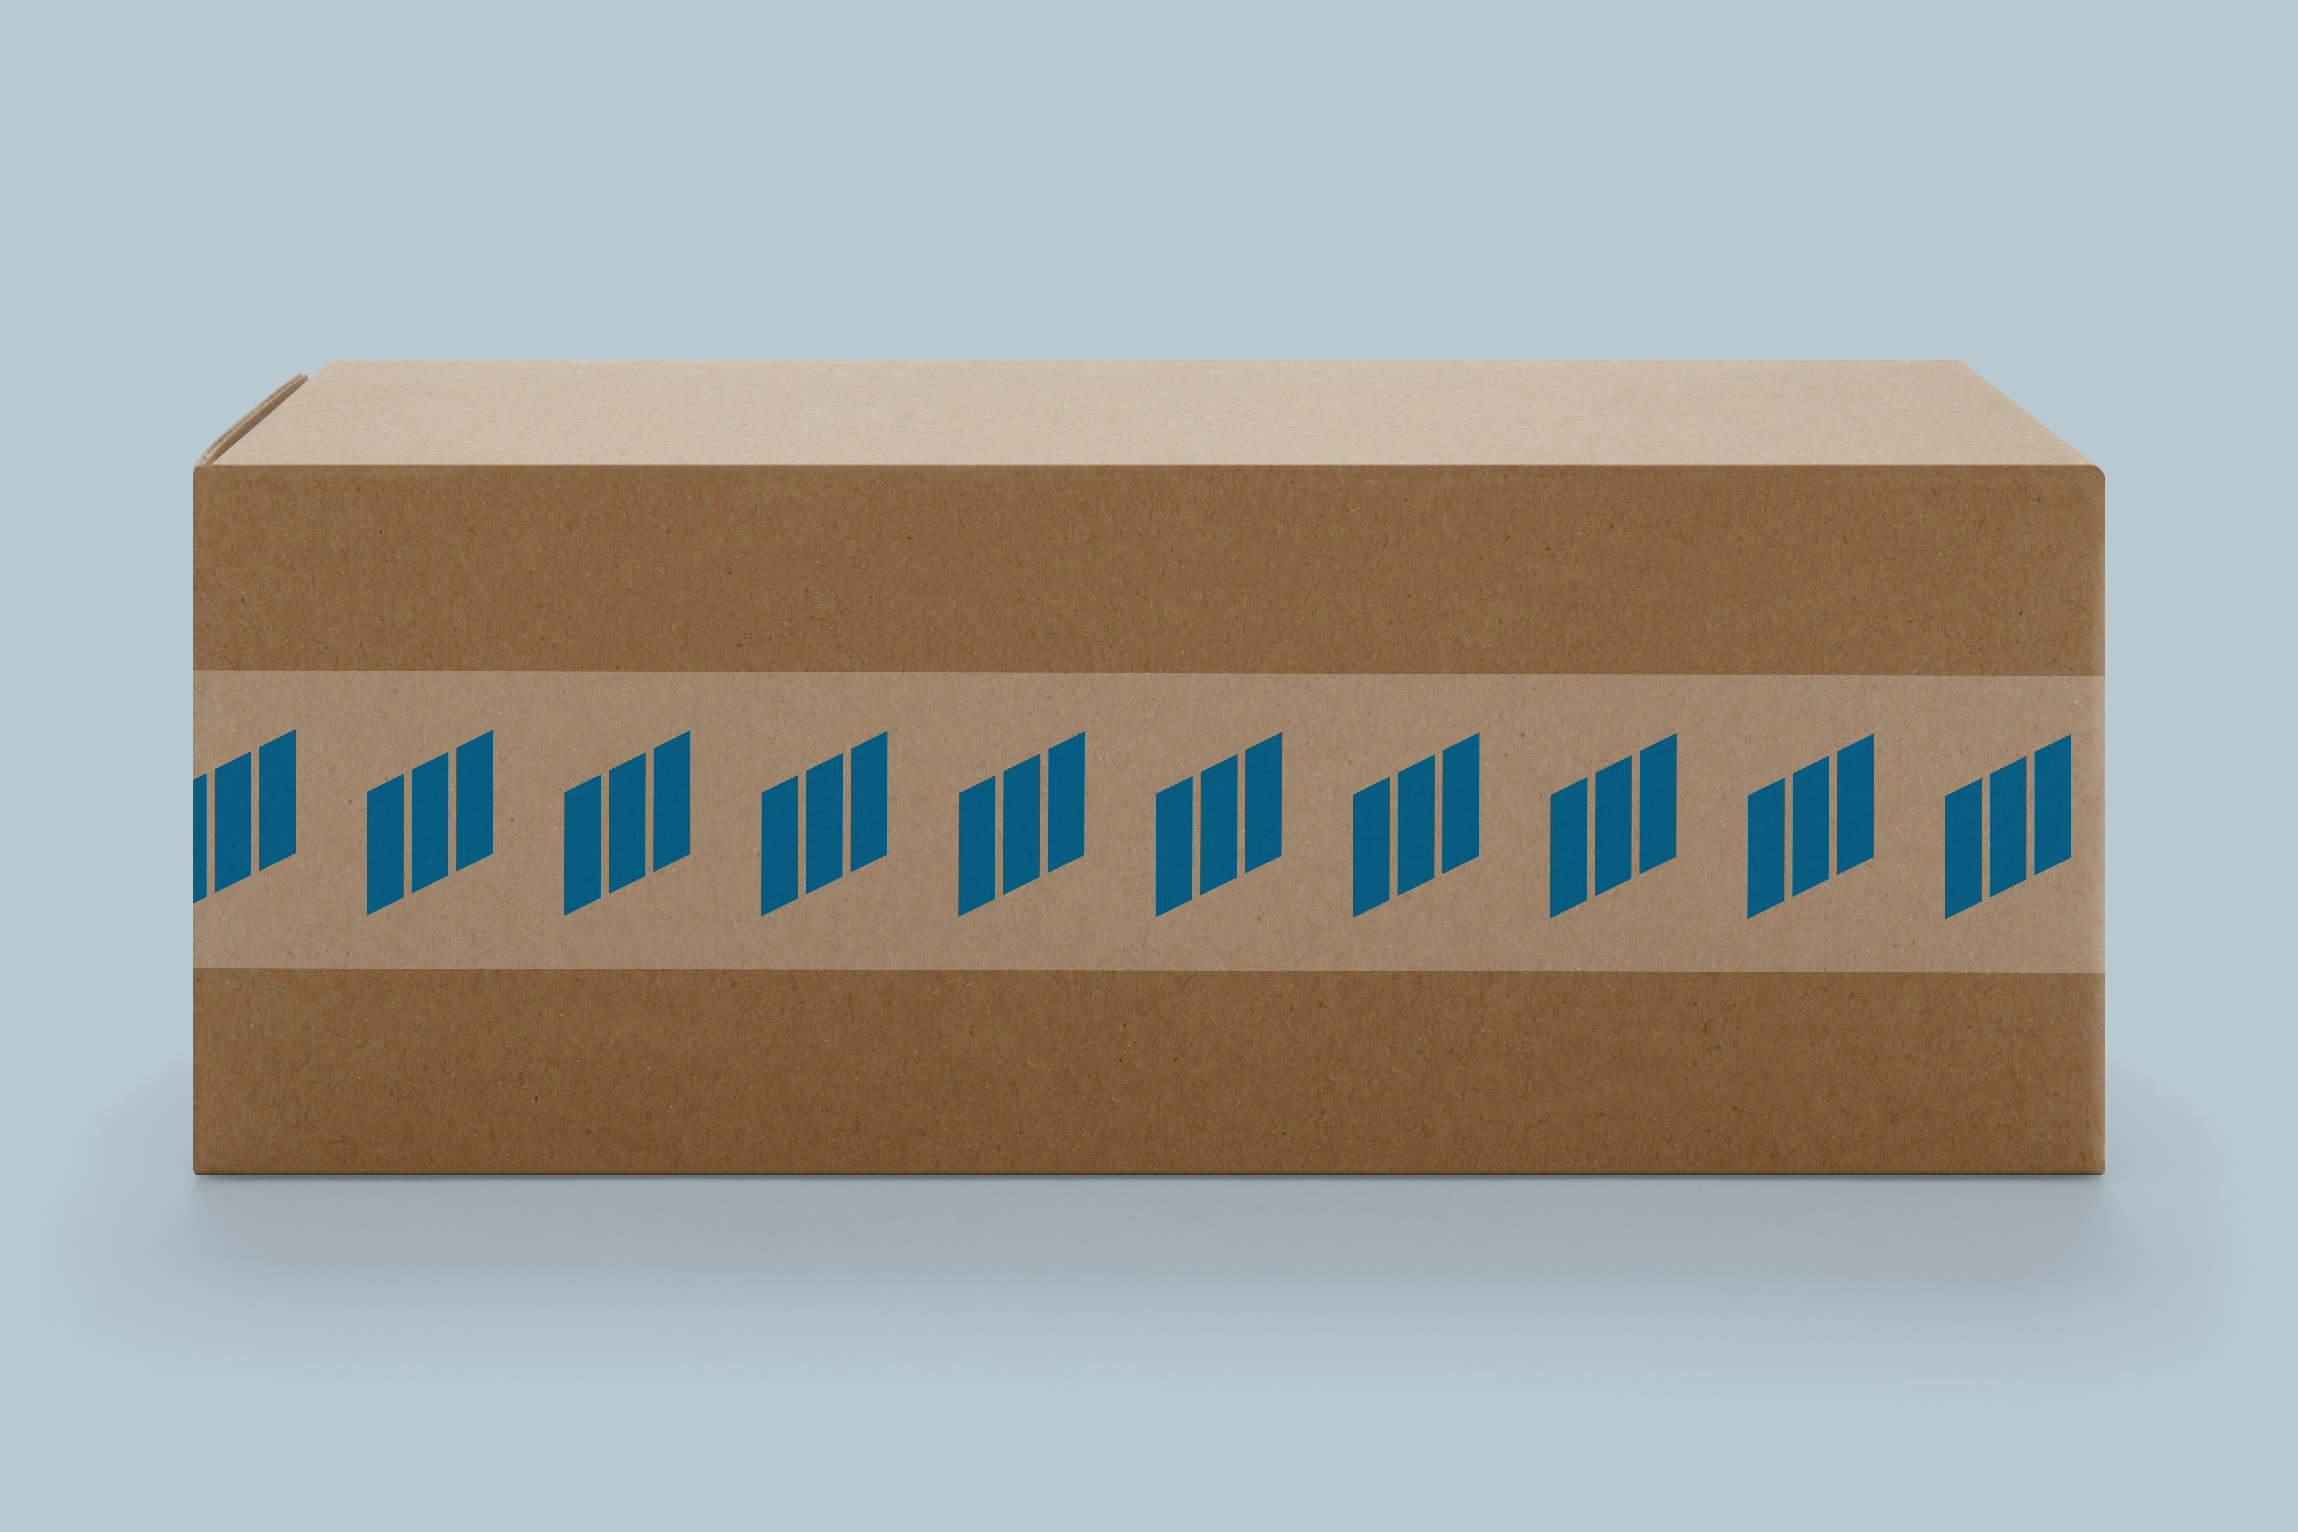 Metcut packing tape